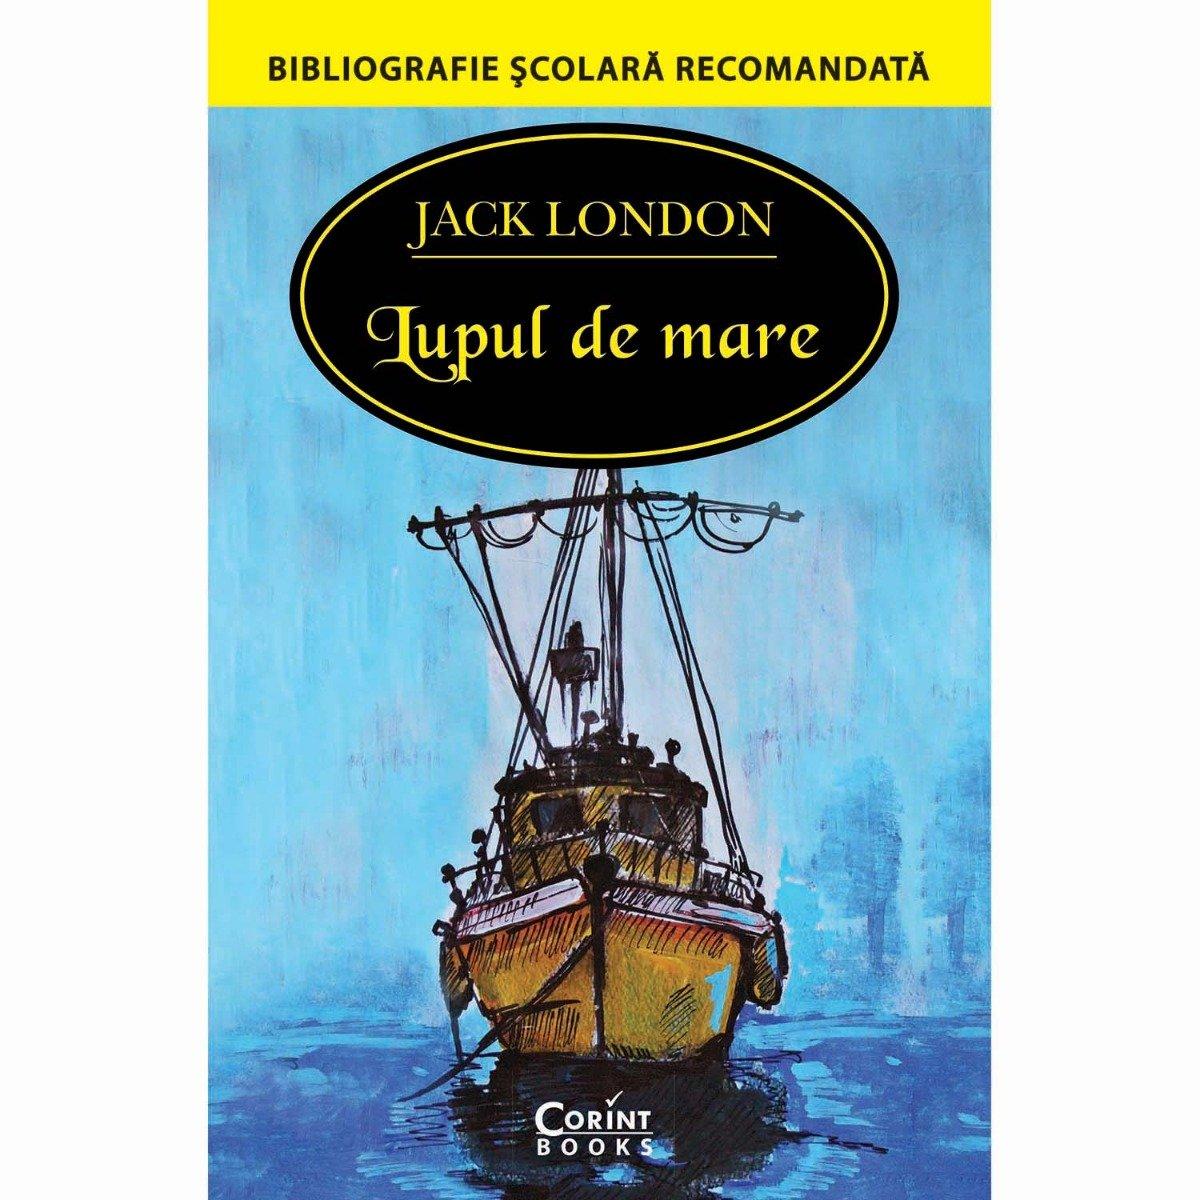 Carte Editura Corint, Lupul de mare, Jack London